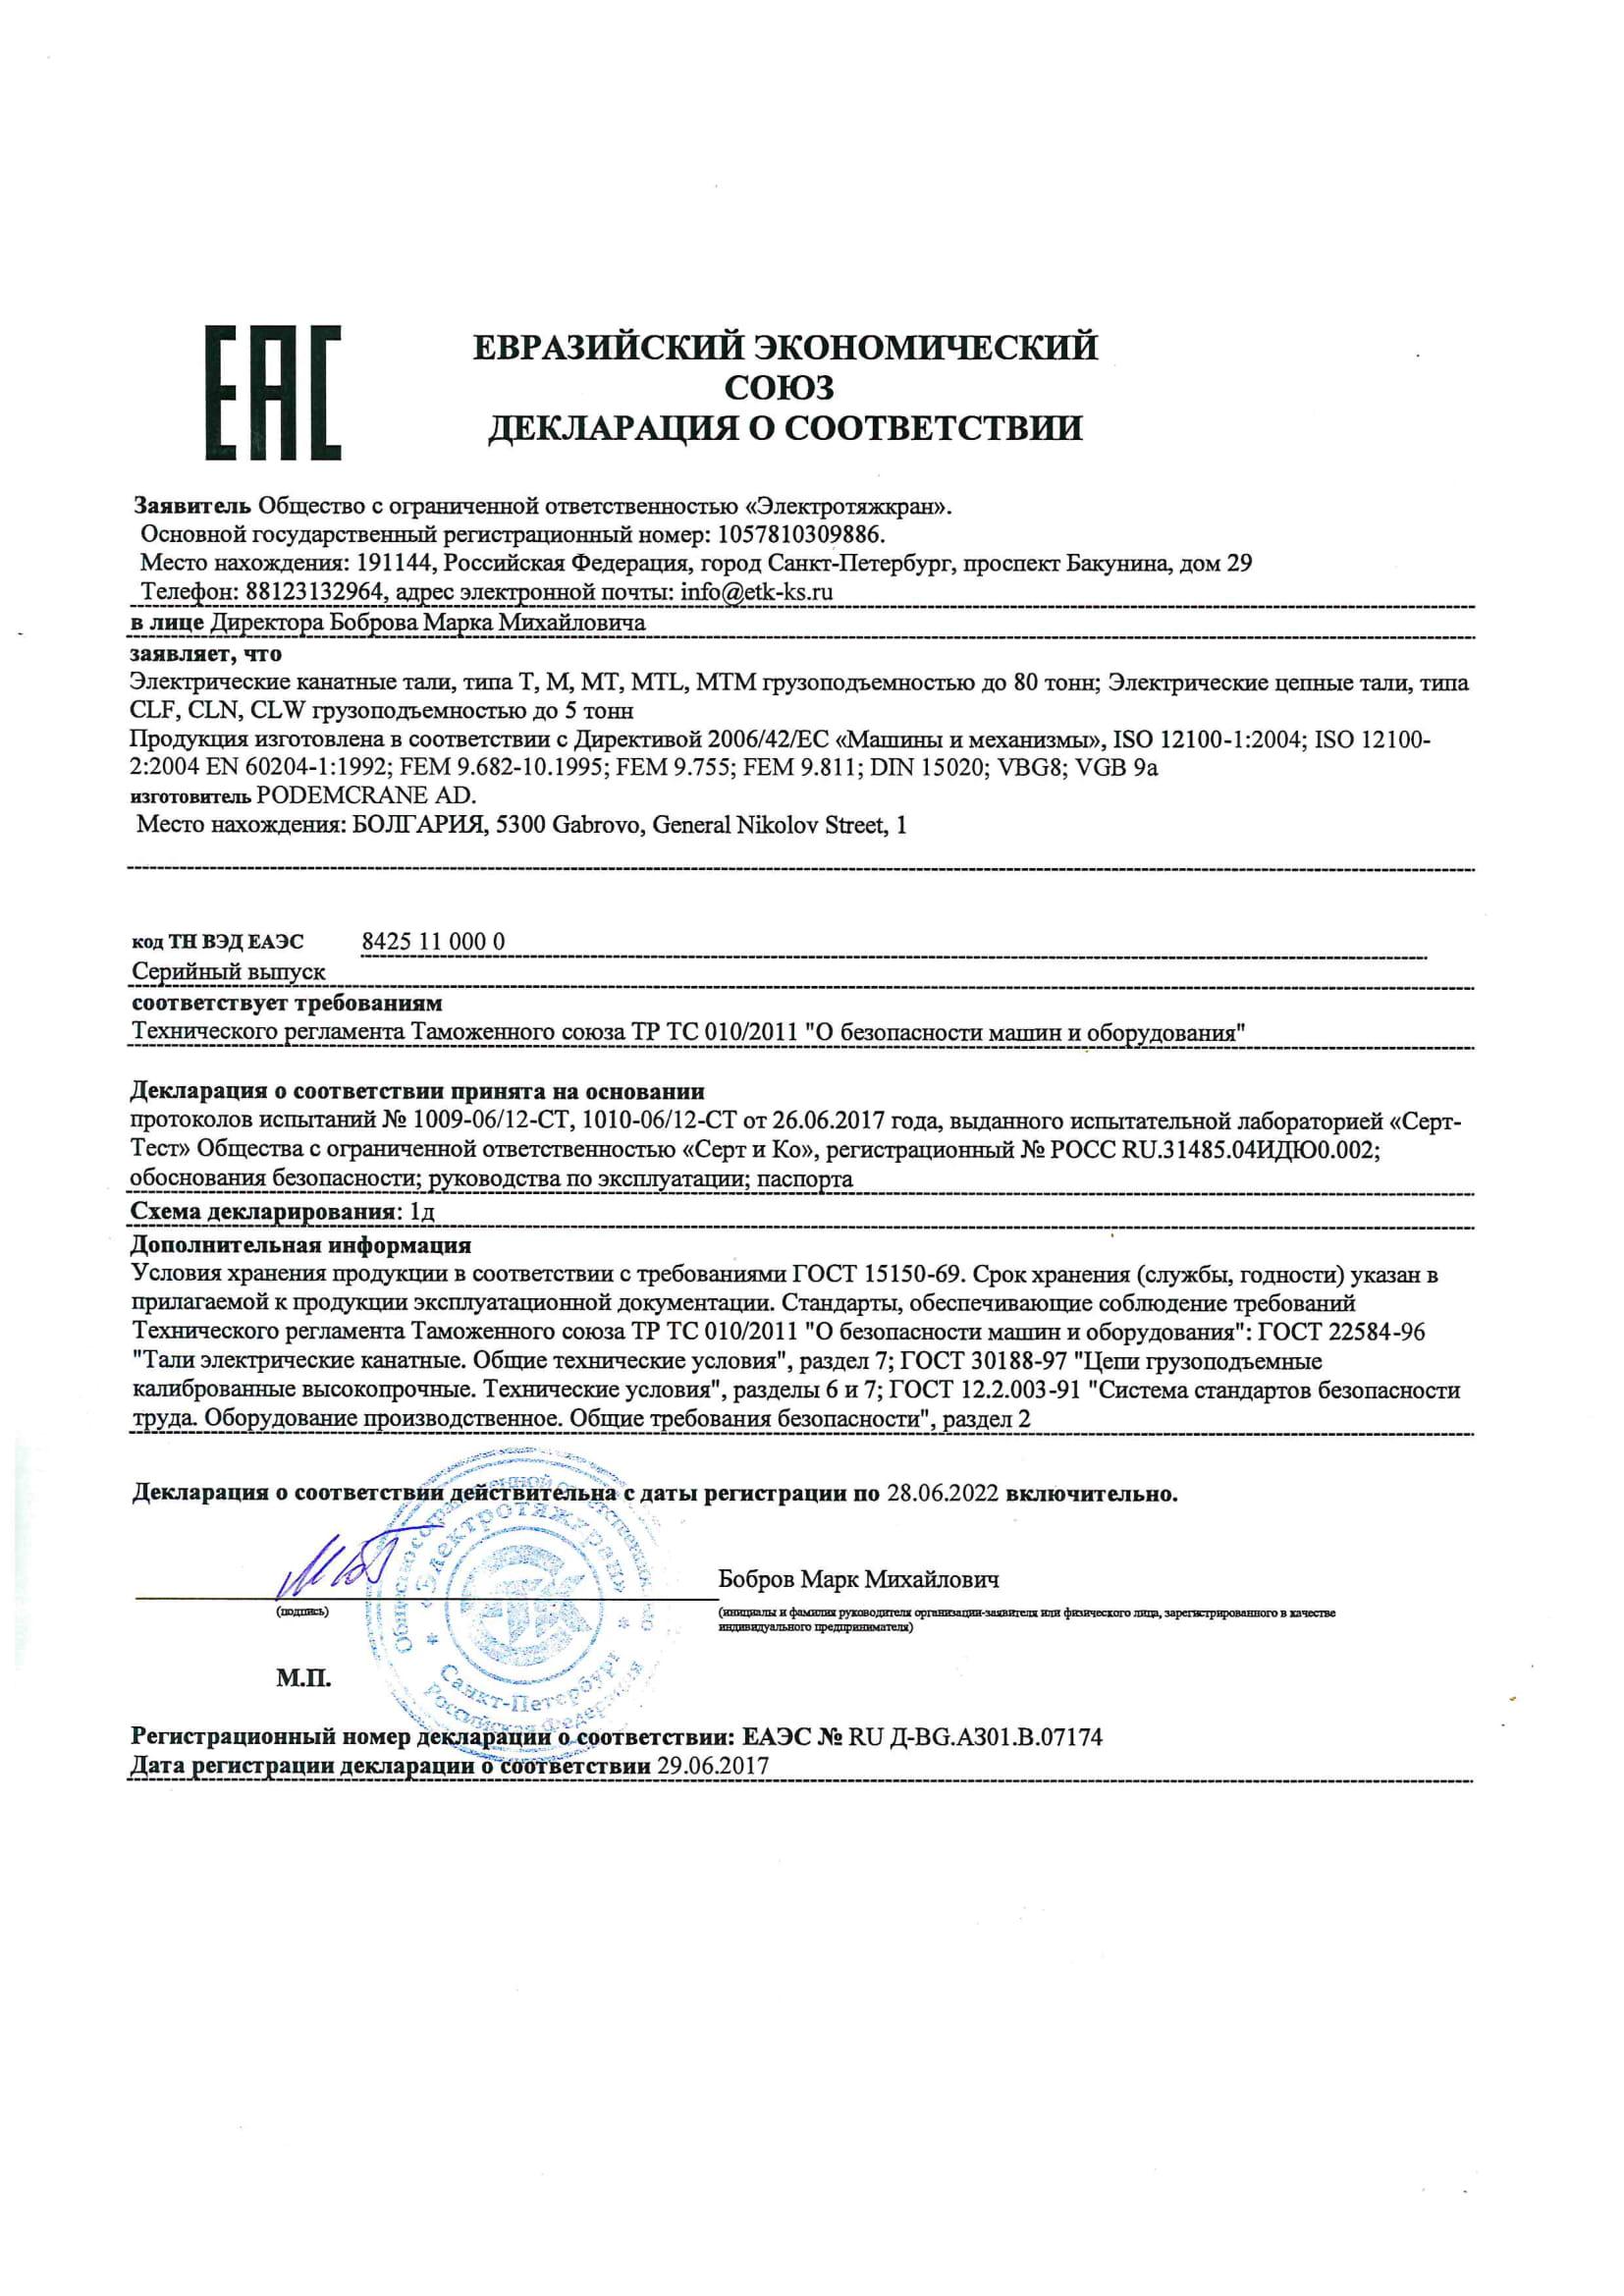 Декларация соответствия талей Podemcrane